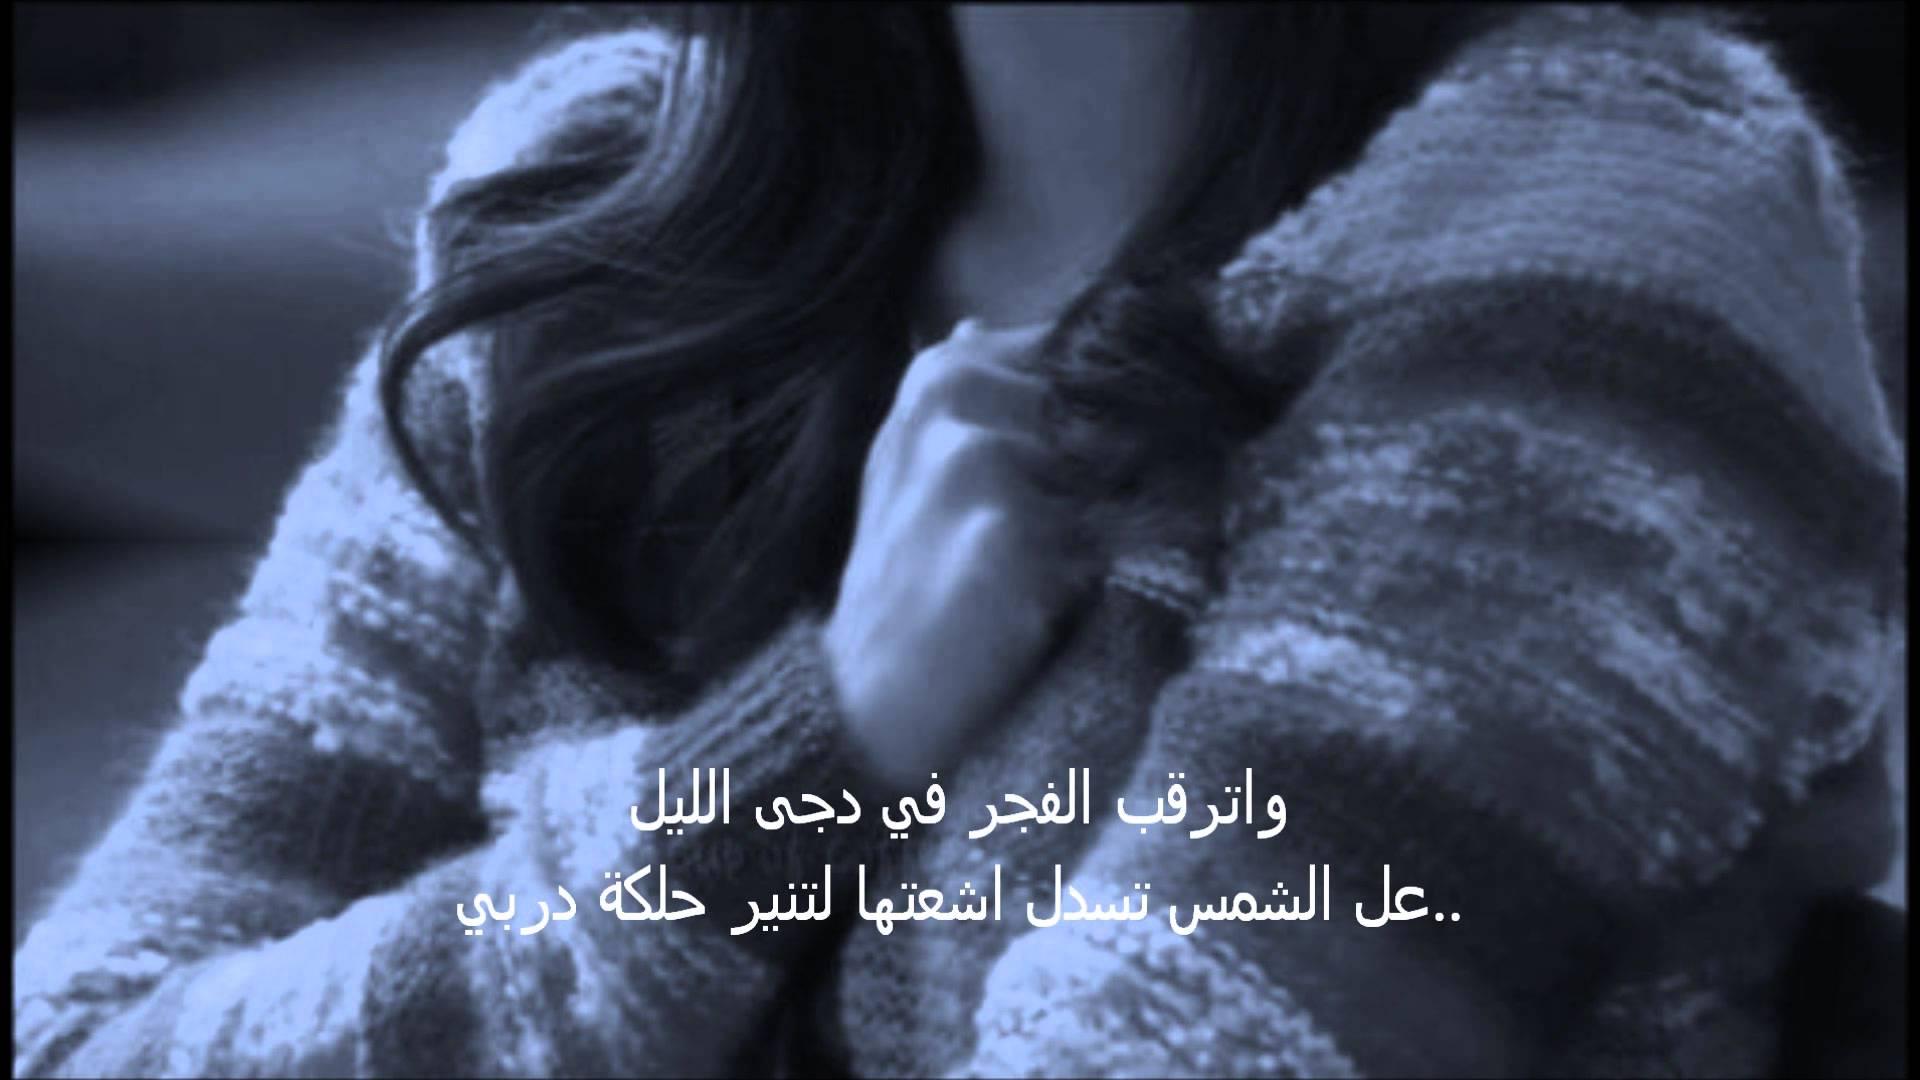 بالصور بطلت احبك الا احرق قلبك احمد العكيدي 20160716 1993